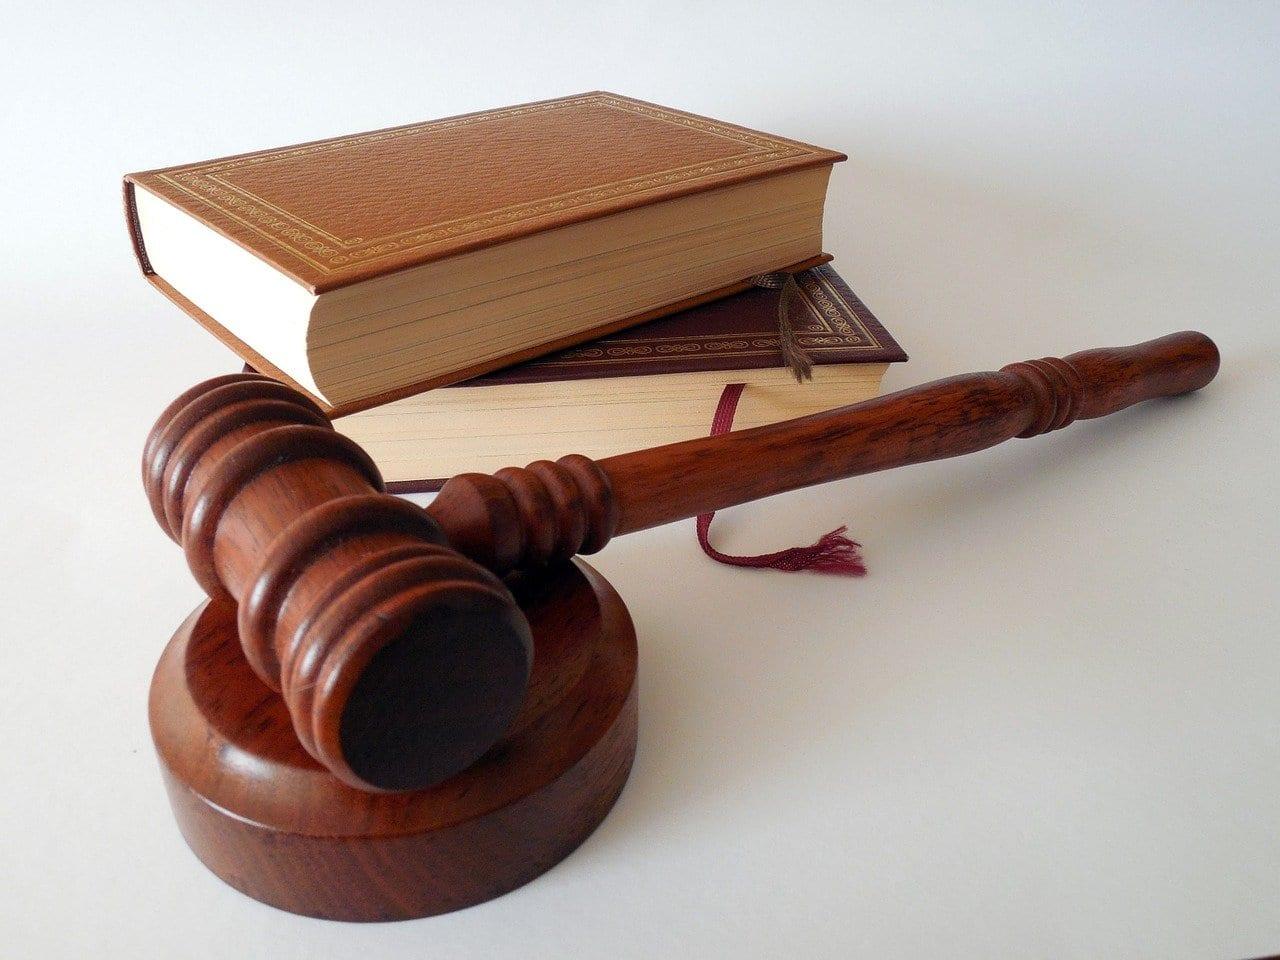 martelletto da tribunale